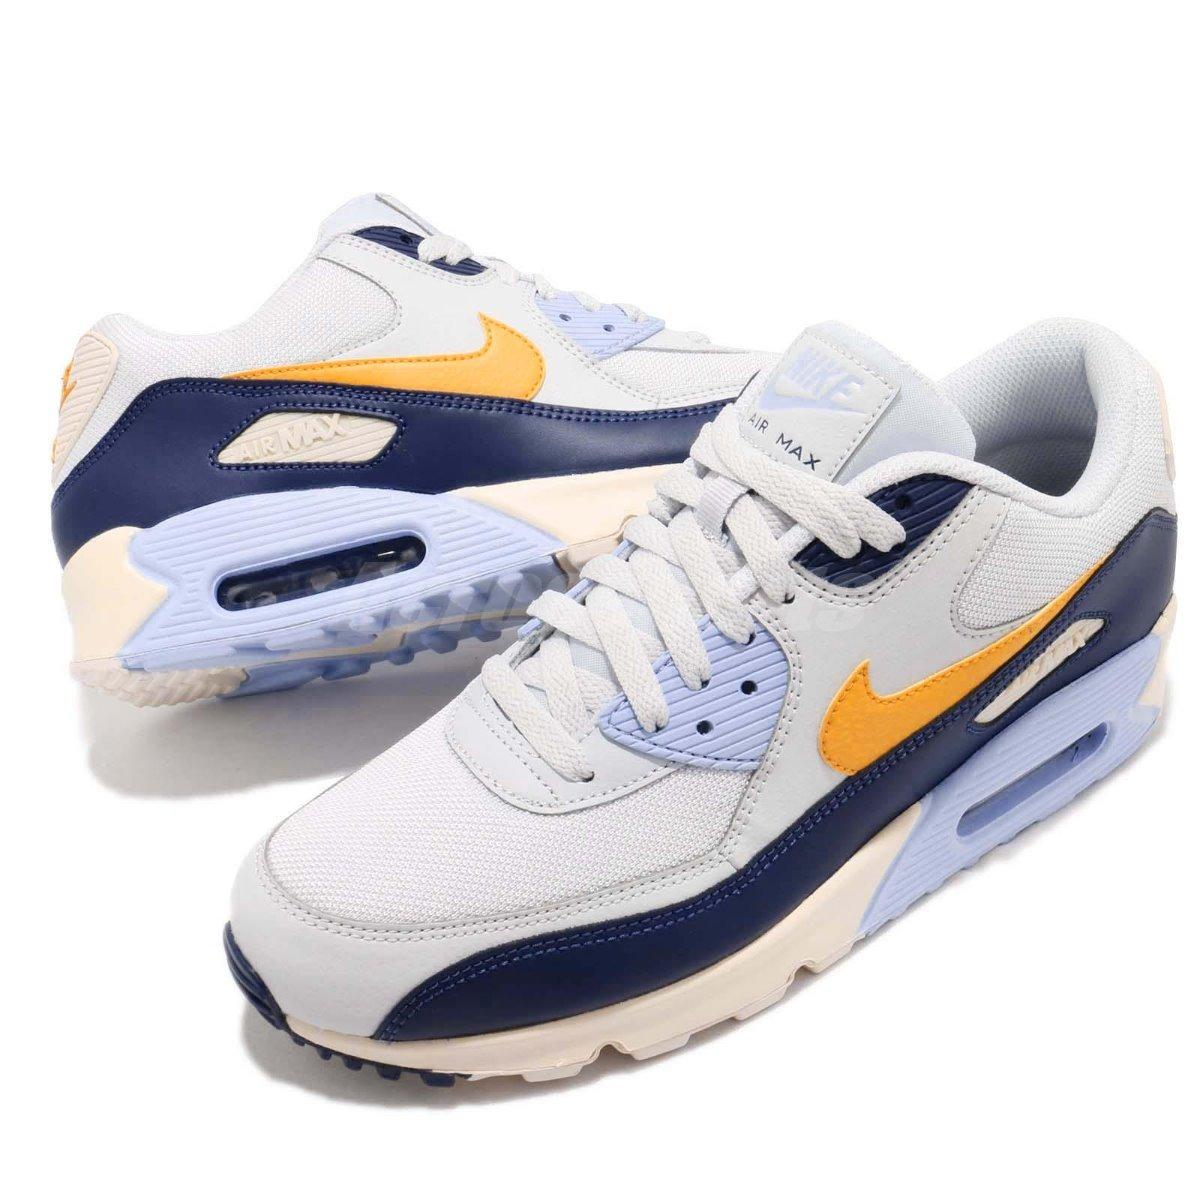 8c18a3bb65 Tenis Nike Air Max 90 # 5 Original Envio Gratis - $ 1,749.00 en ...